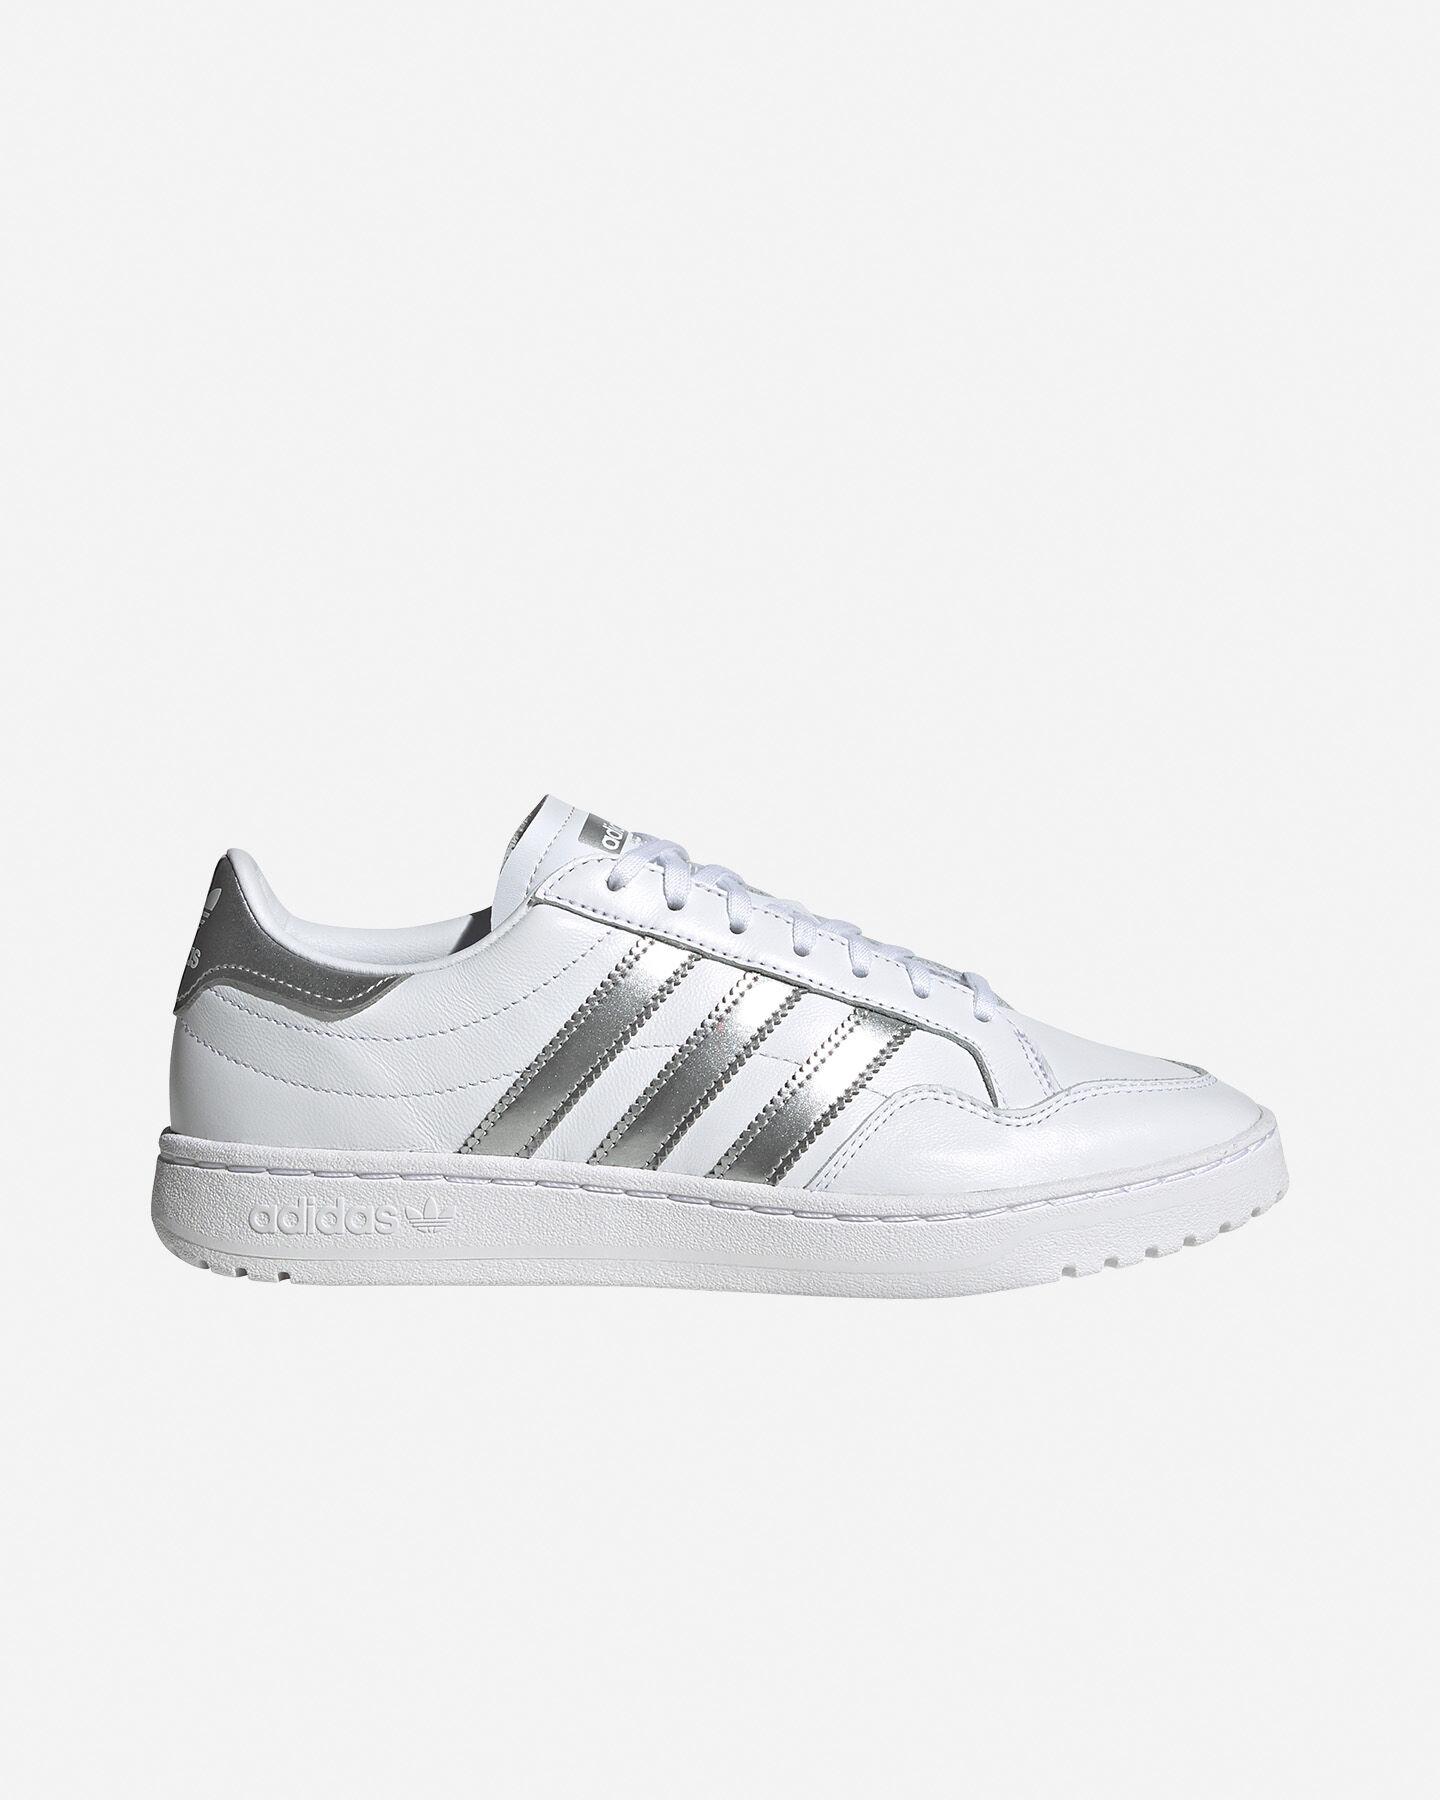 adidas Donna: abbigliamento e scarpe su Cisalfa Sport